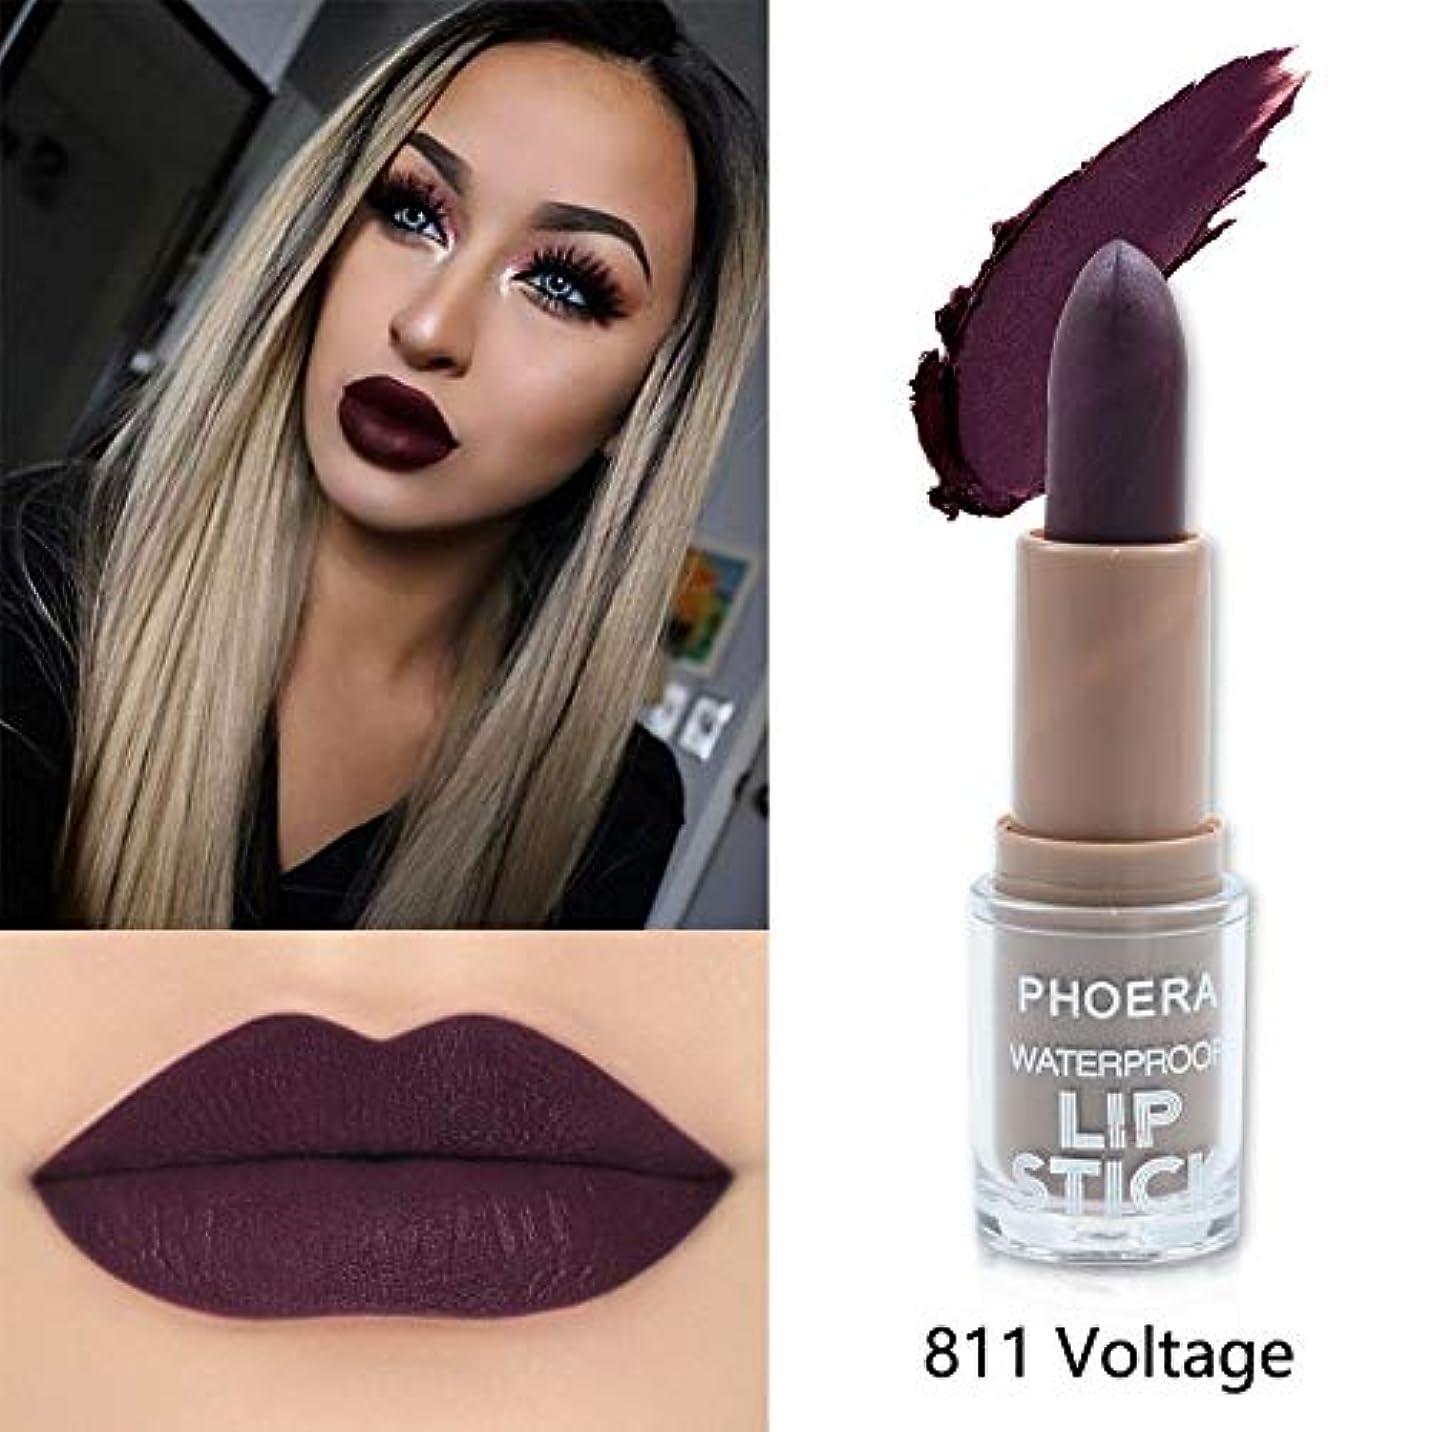 ジレンマオーガニック引き算Beauty Matte Moisturizing Lipstick Makeup Lipsticks Lip Stick Waterproof Lipgloss Mate Lipsticks Cosmetic